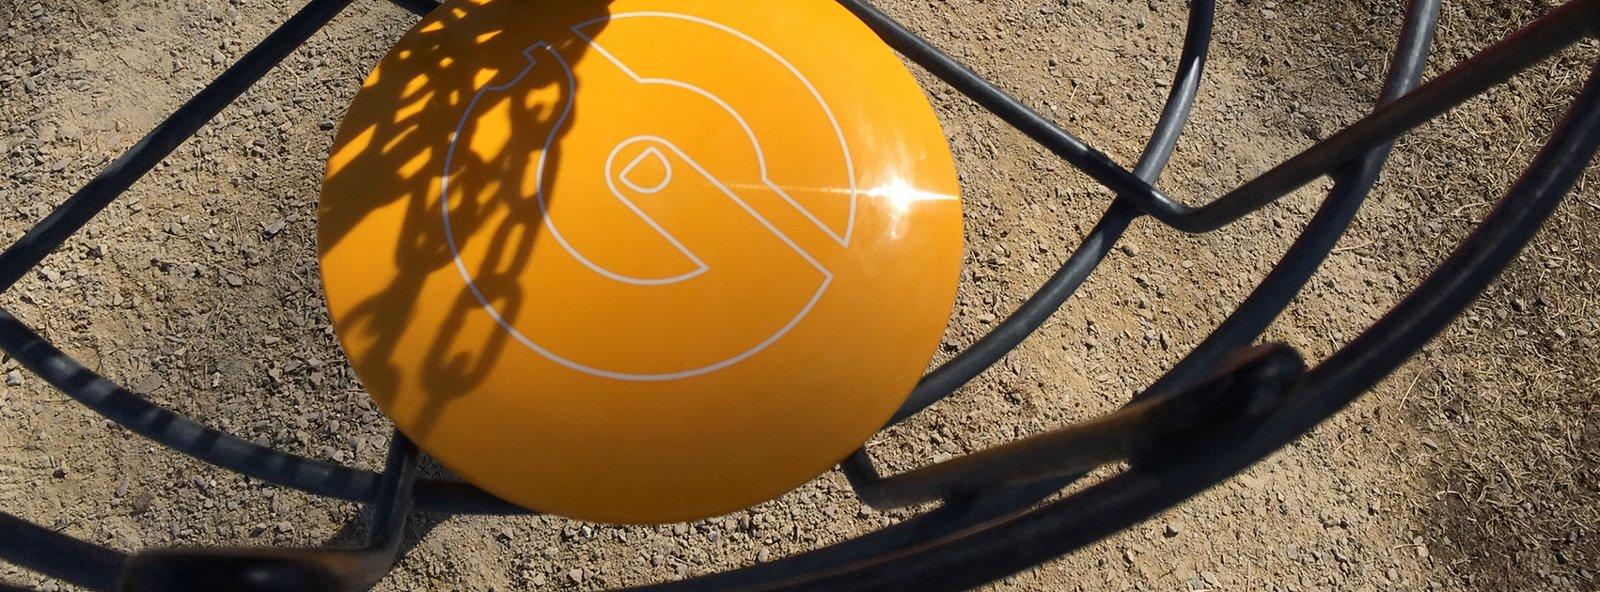 Glide-branded disc stamp in basket